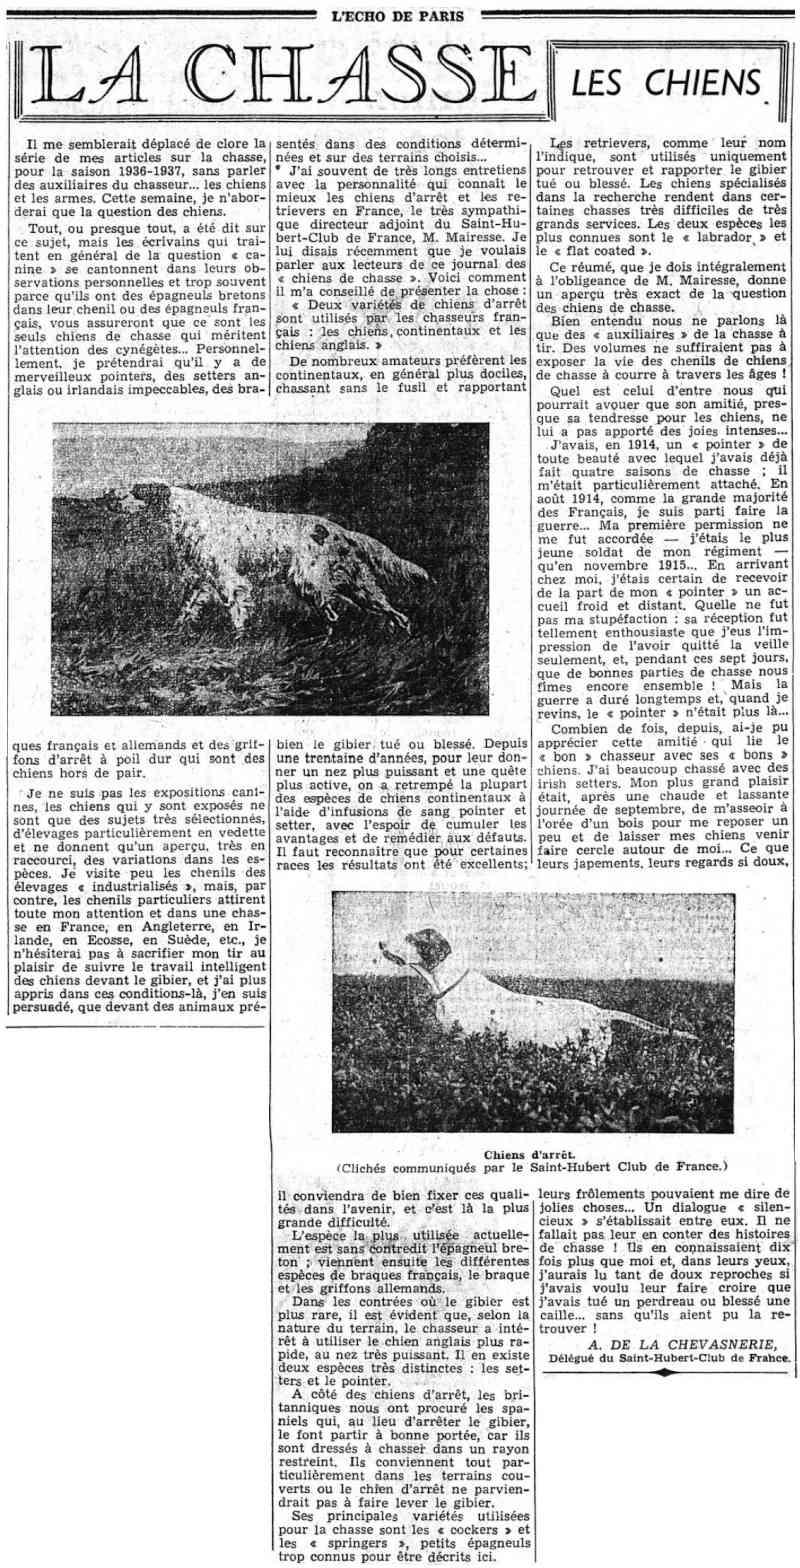 La Chasse - Les chiens... 193711